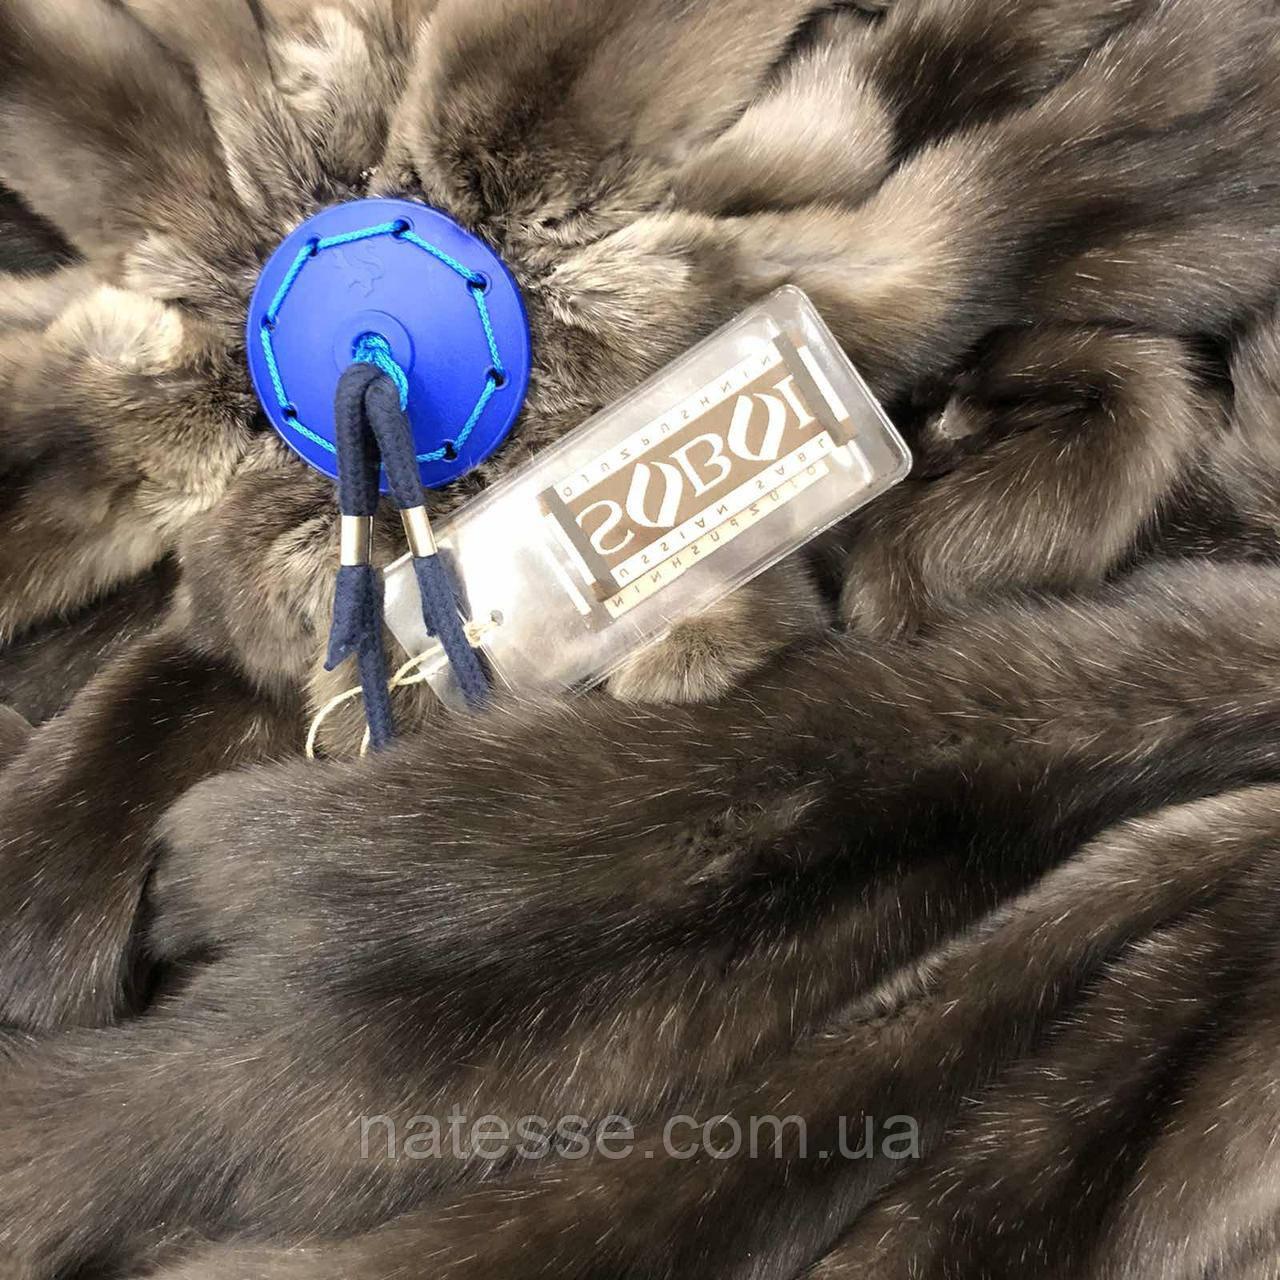 Шкуры соболя баргузинского с сединой, выделанные, шубные наборы